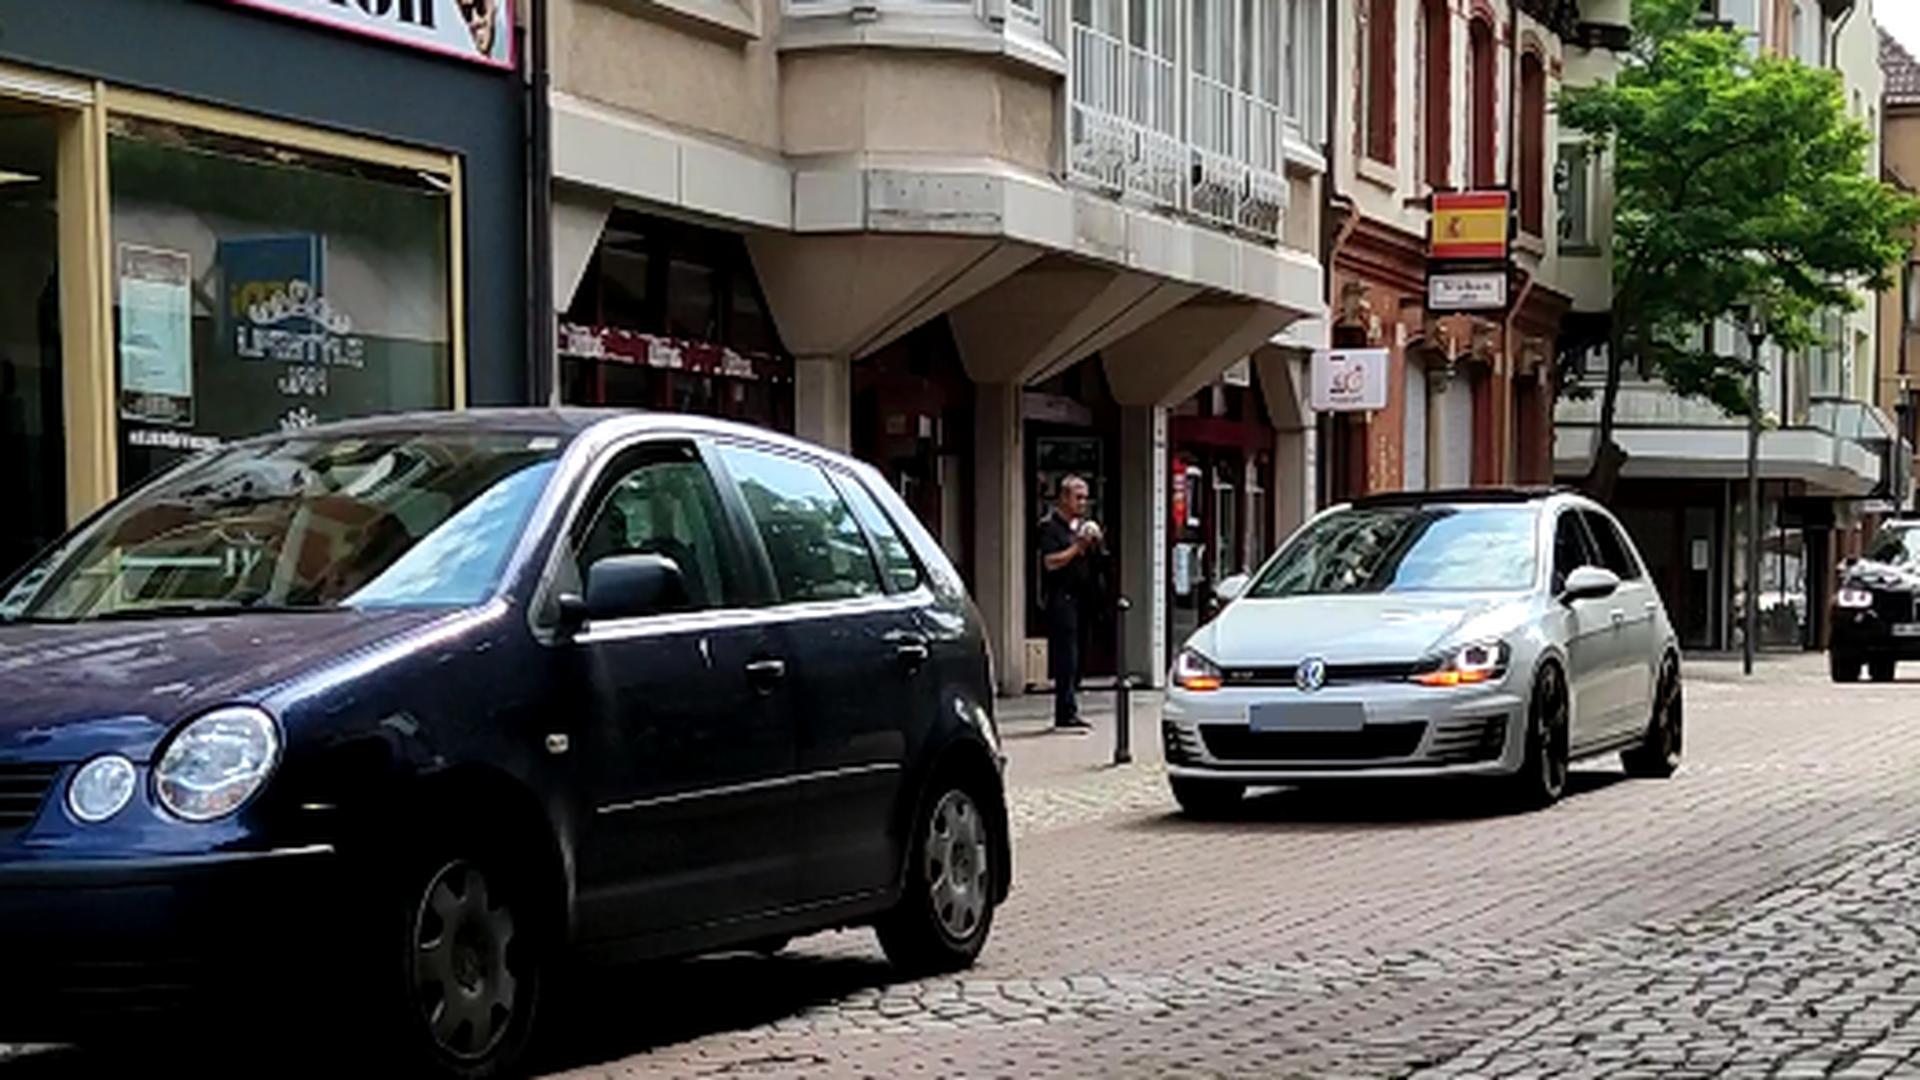 Autos in Brötzingens Fußgängerzone